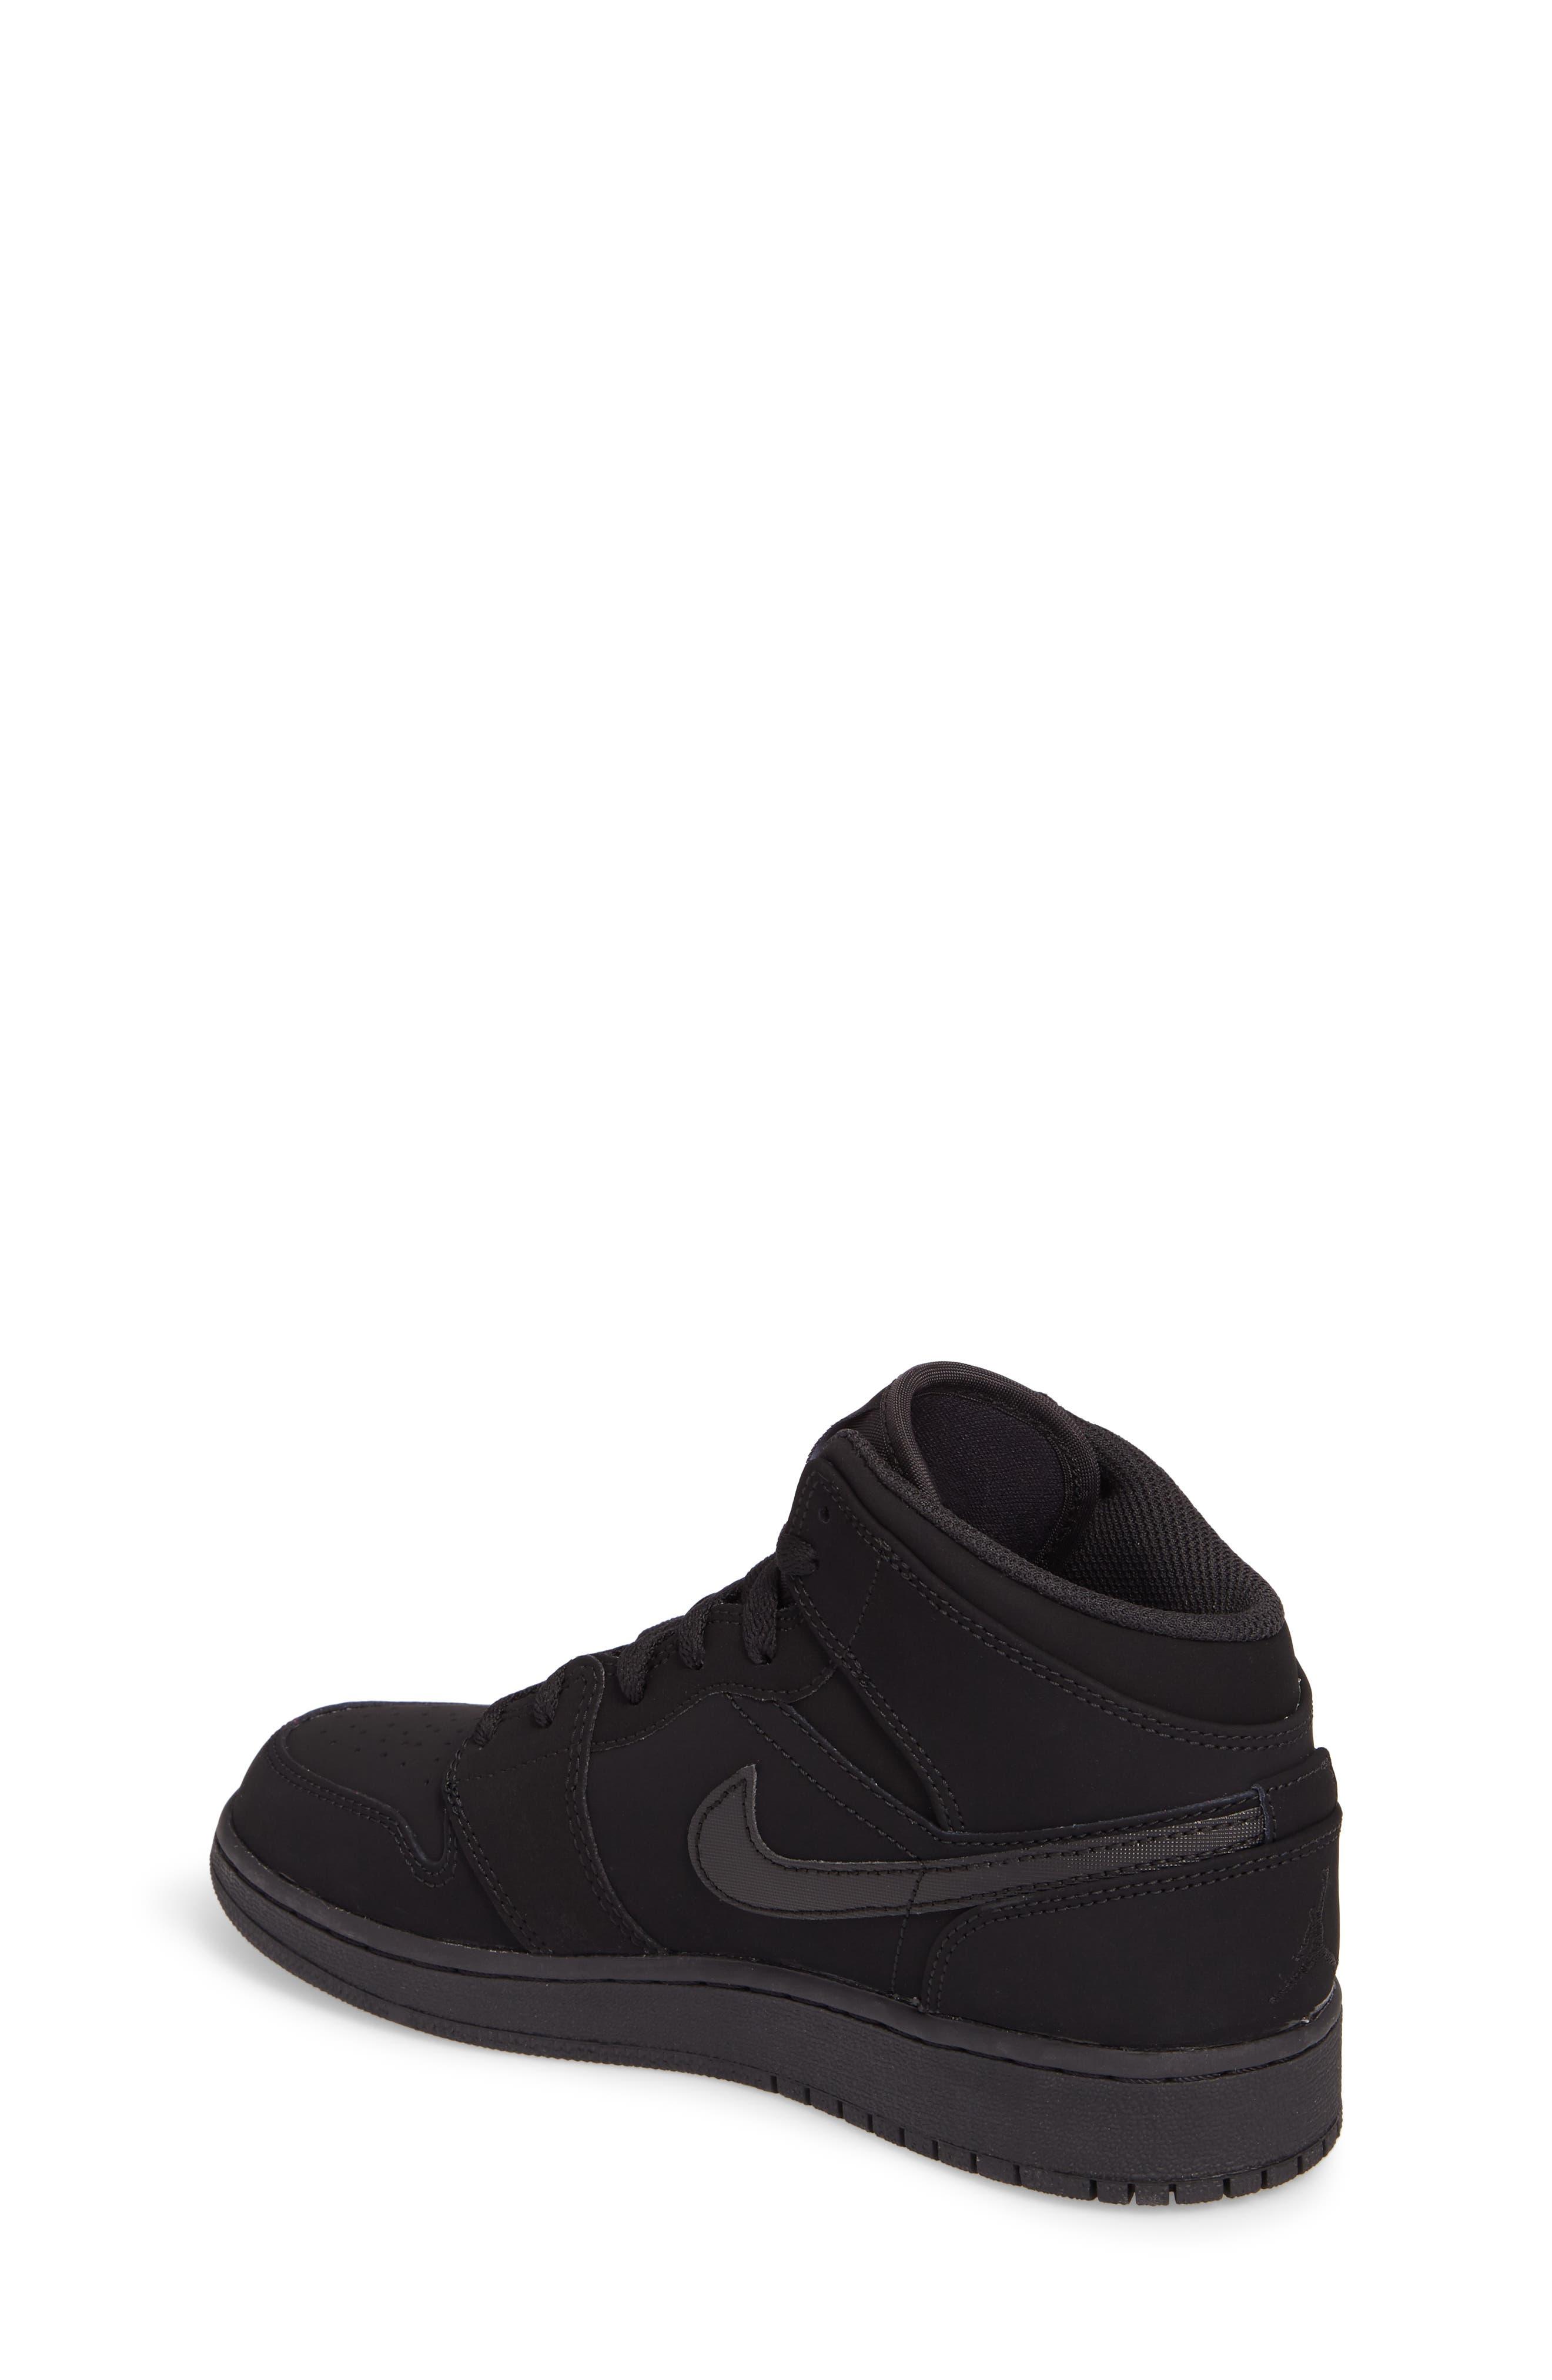 Nike 'Air Jordan 1 Mid' Sneaker,                             Alternate thumbnail 2, color,                             Black